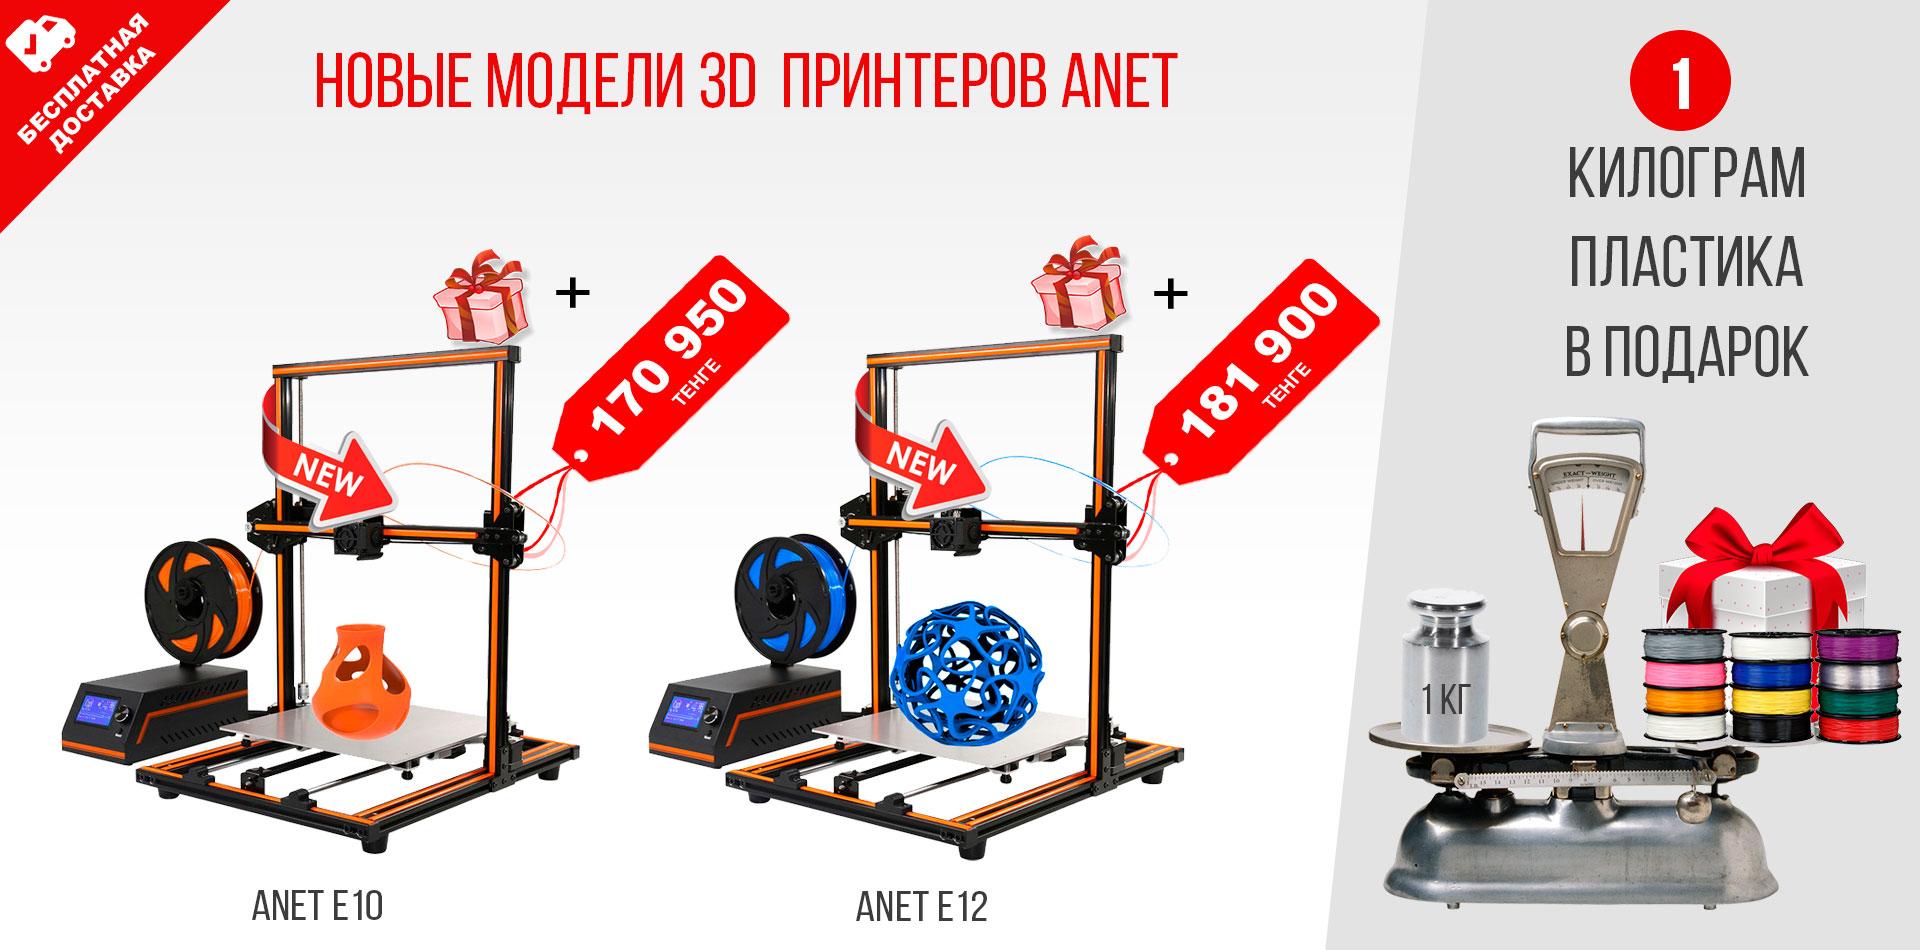 3D ПРИНТЕРЫ В АСТАНЕ